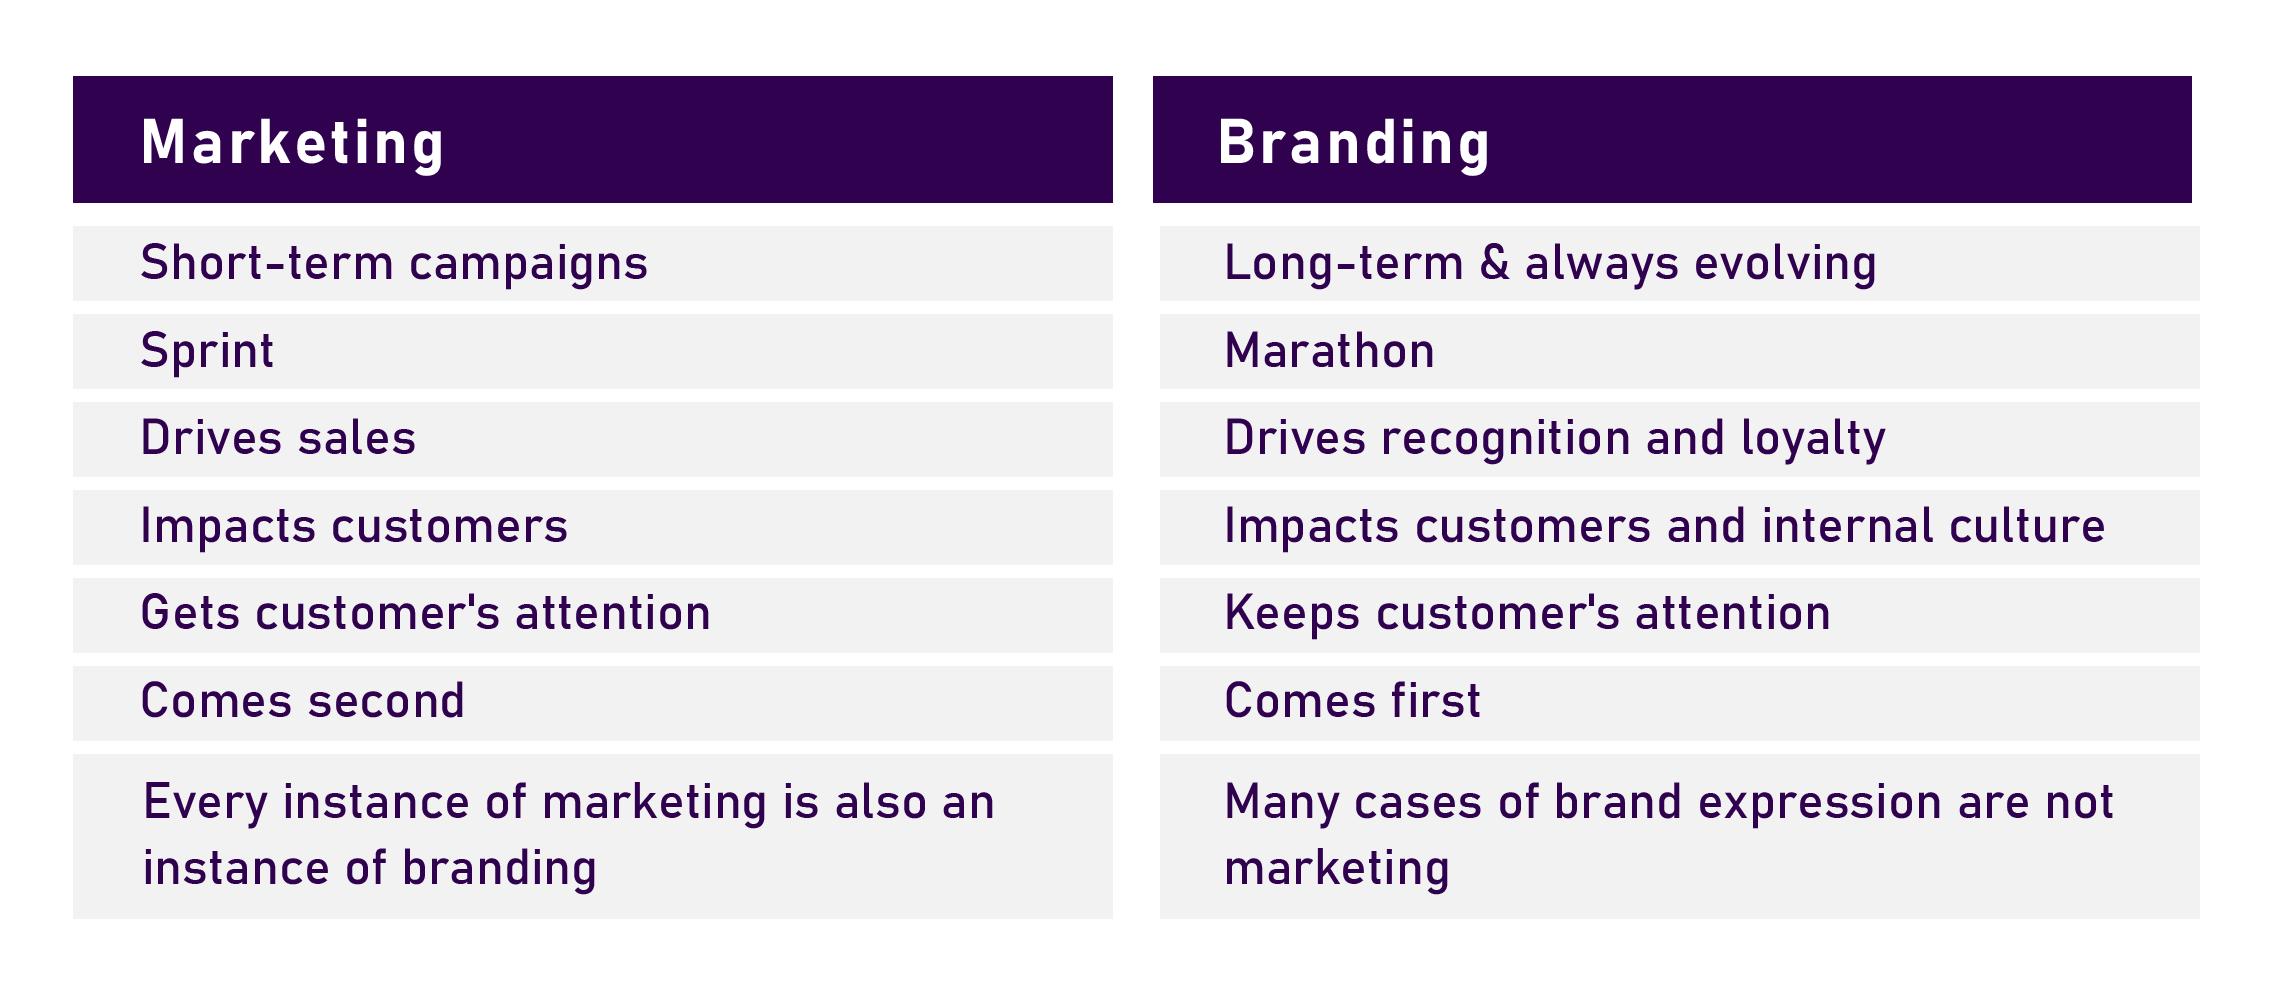 branding vs marketing table